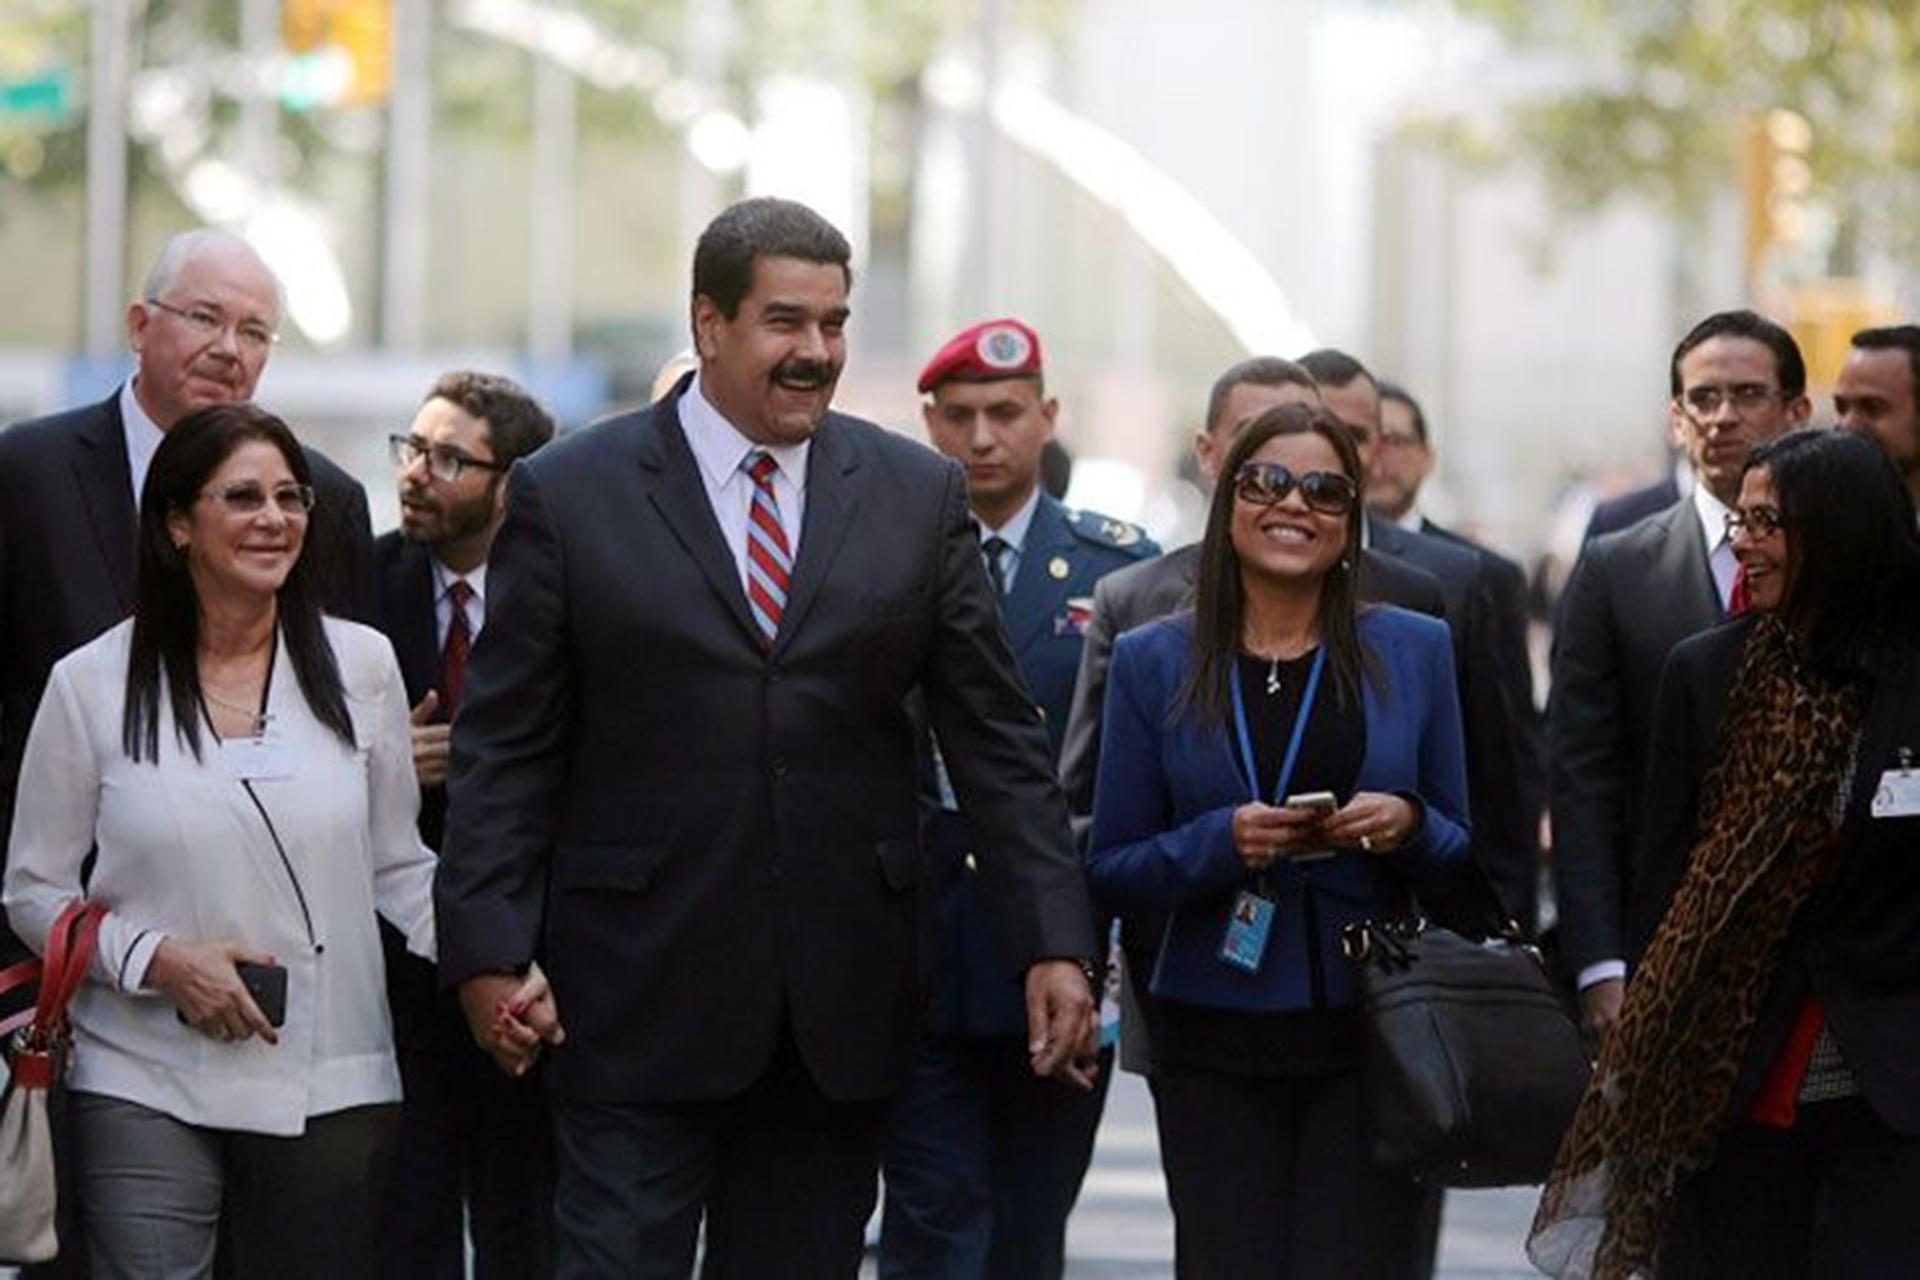 La hija de Chávez acompañó a Nicolás Maduro durante su última intervención ante la Asamblea General de la ONU